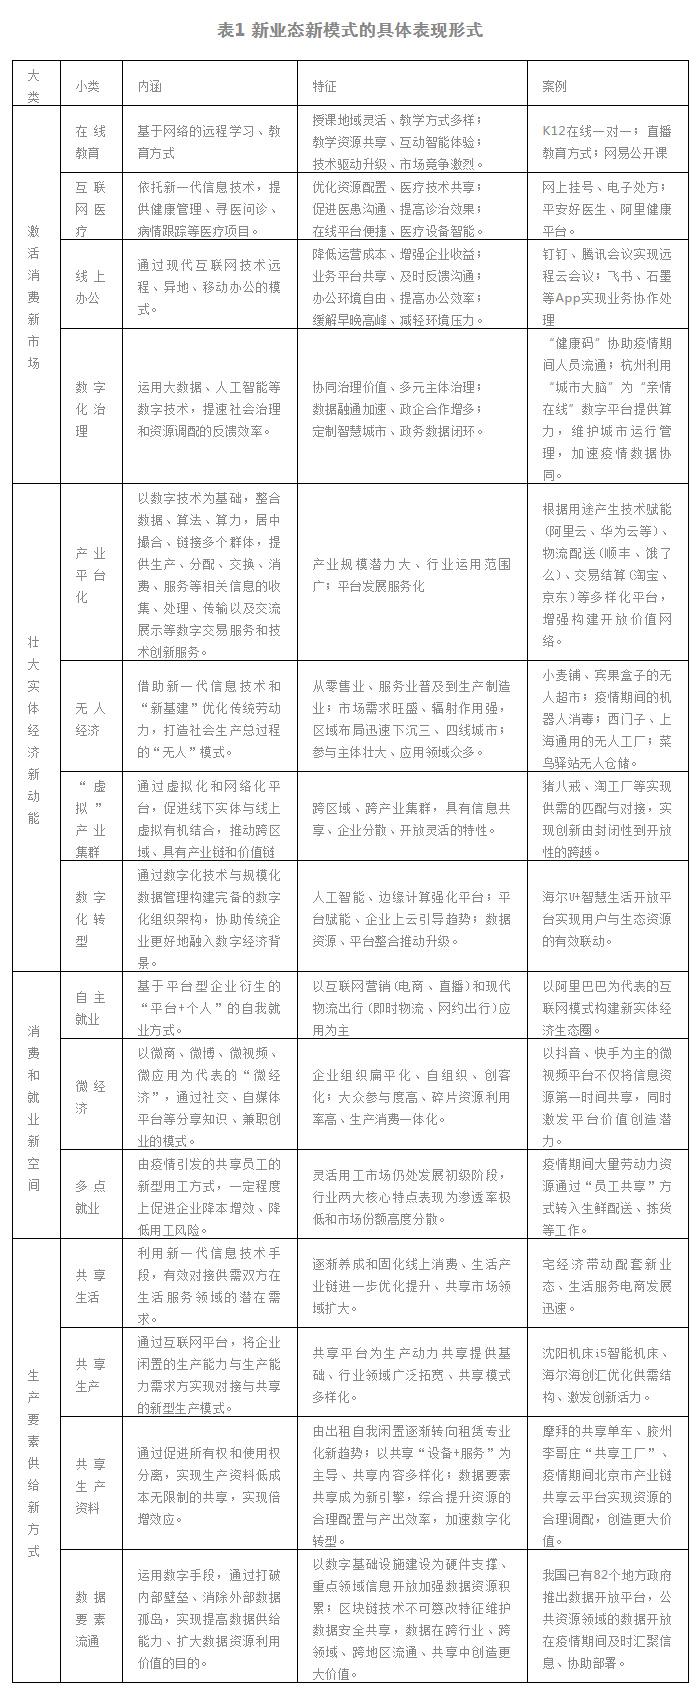 赛迪智库丨数字经济新业态新模式发展研判.jpg